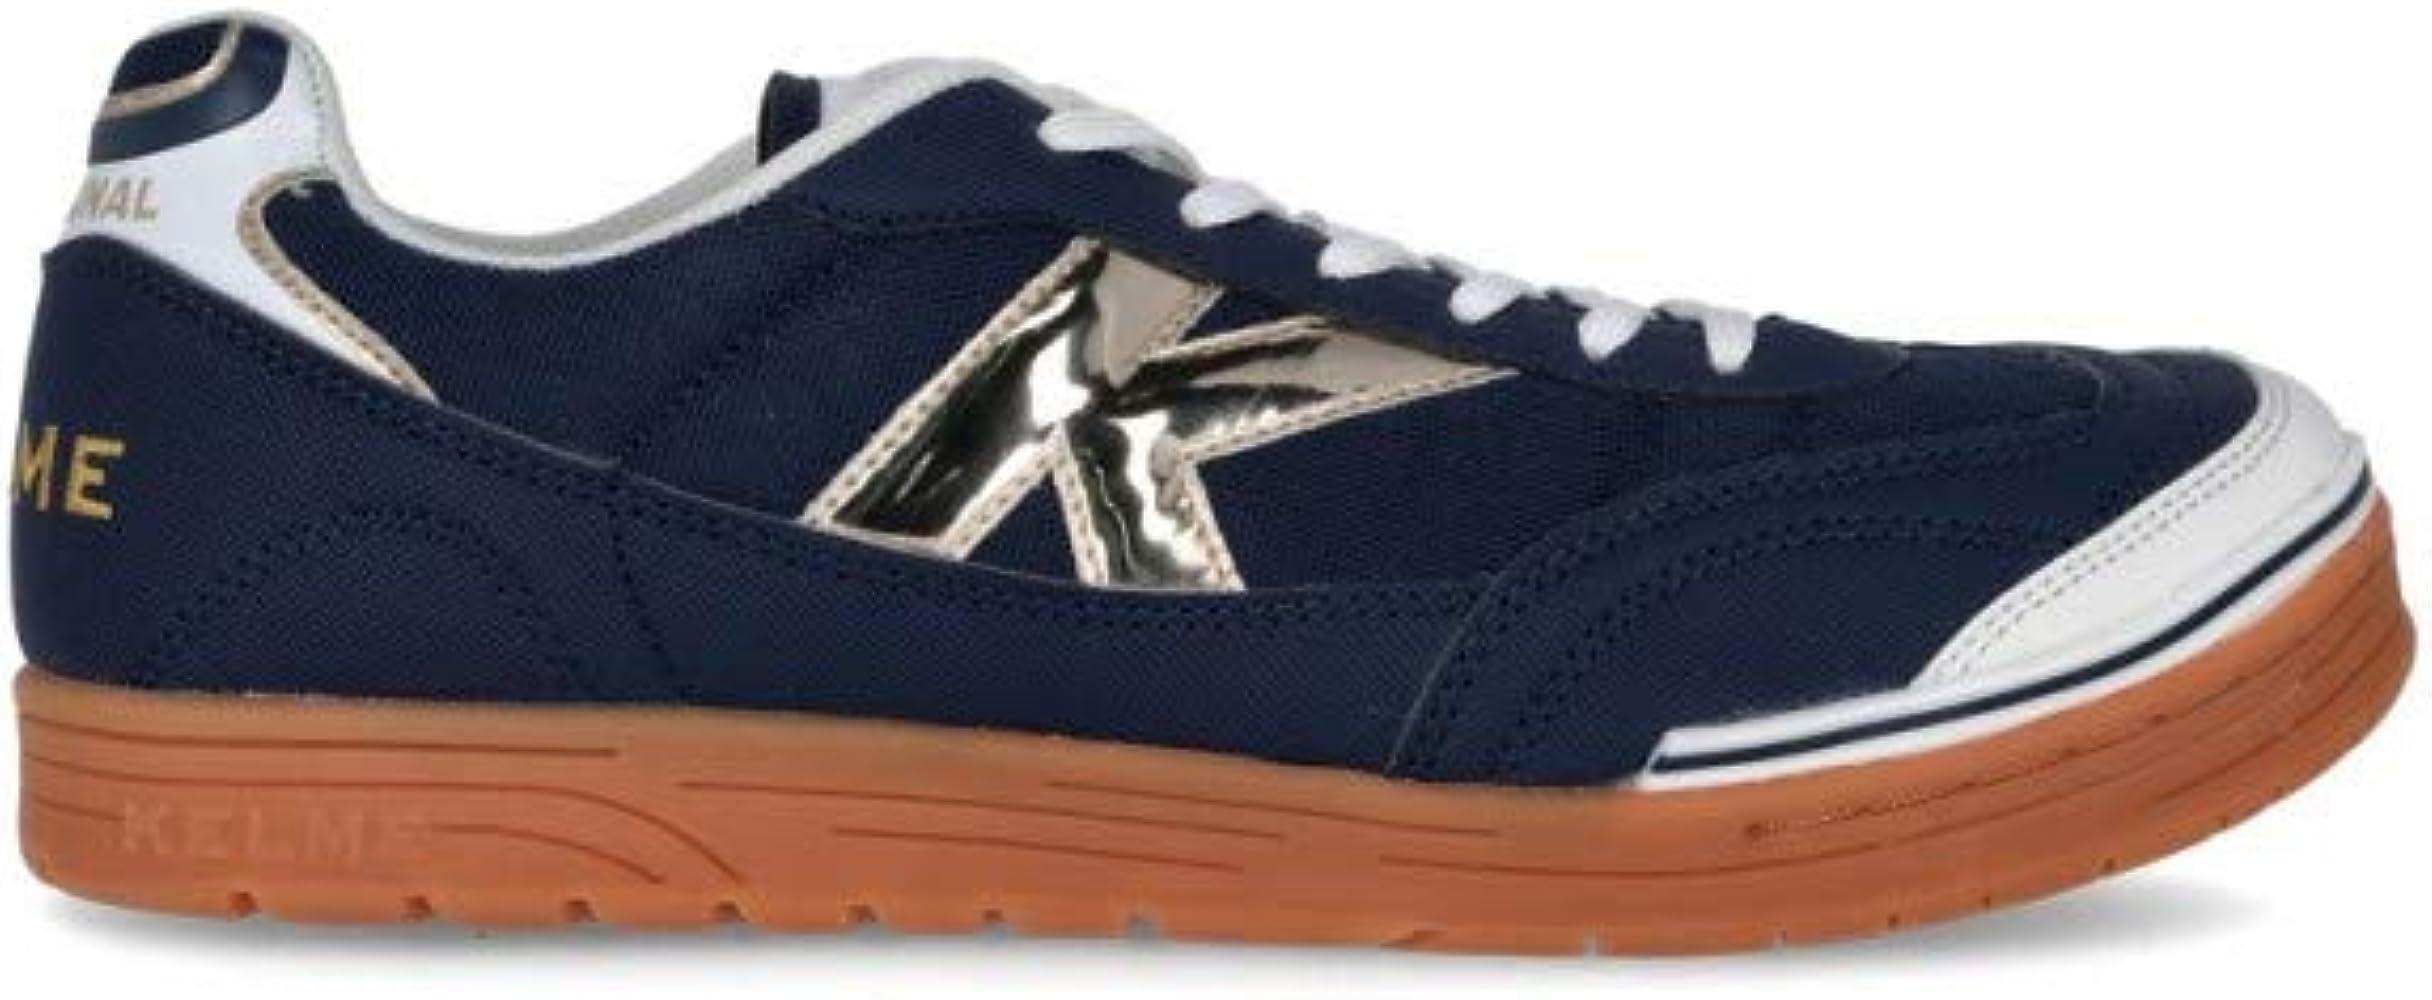 Kelme - Zapatillas Trueno Sala: Amazon.es: Zapatos y complementos